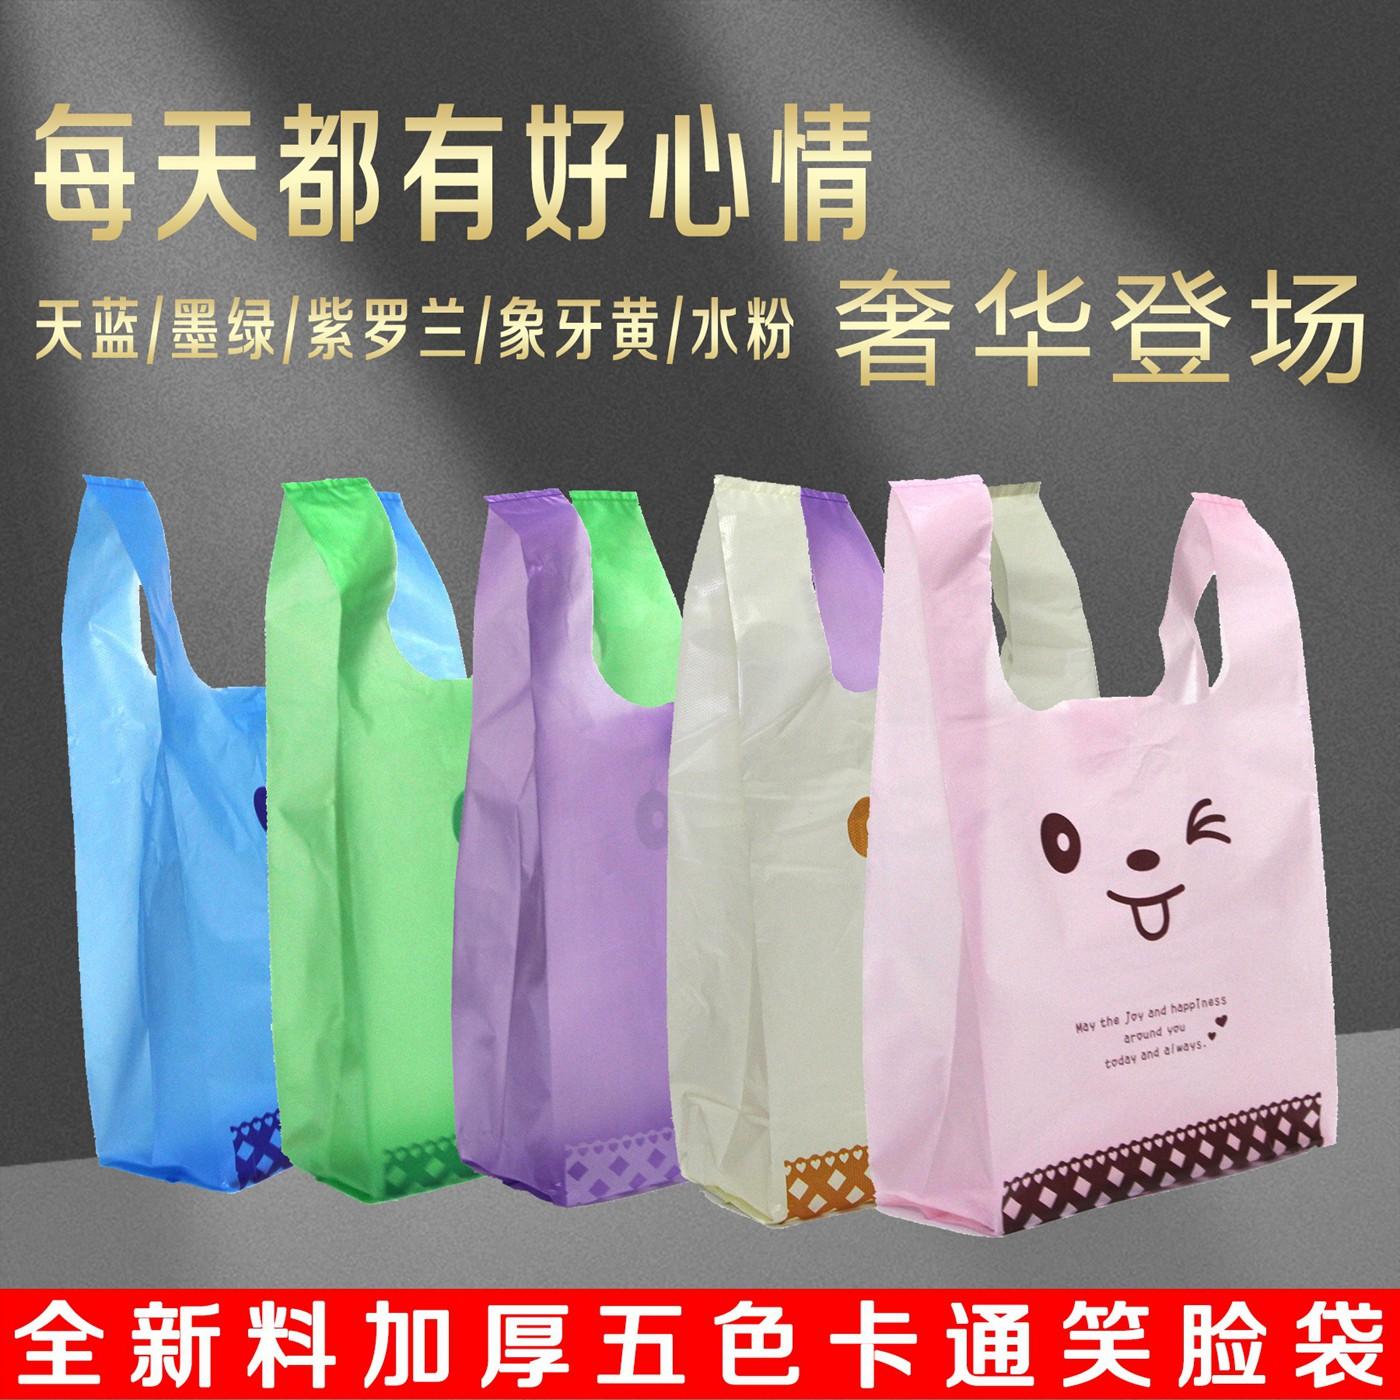 加厚笑脸袋可爱背心袋方便袋购物袋超市马夹袋礼品塑料袋子 100个